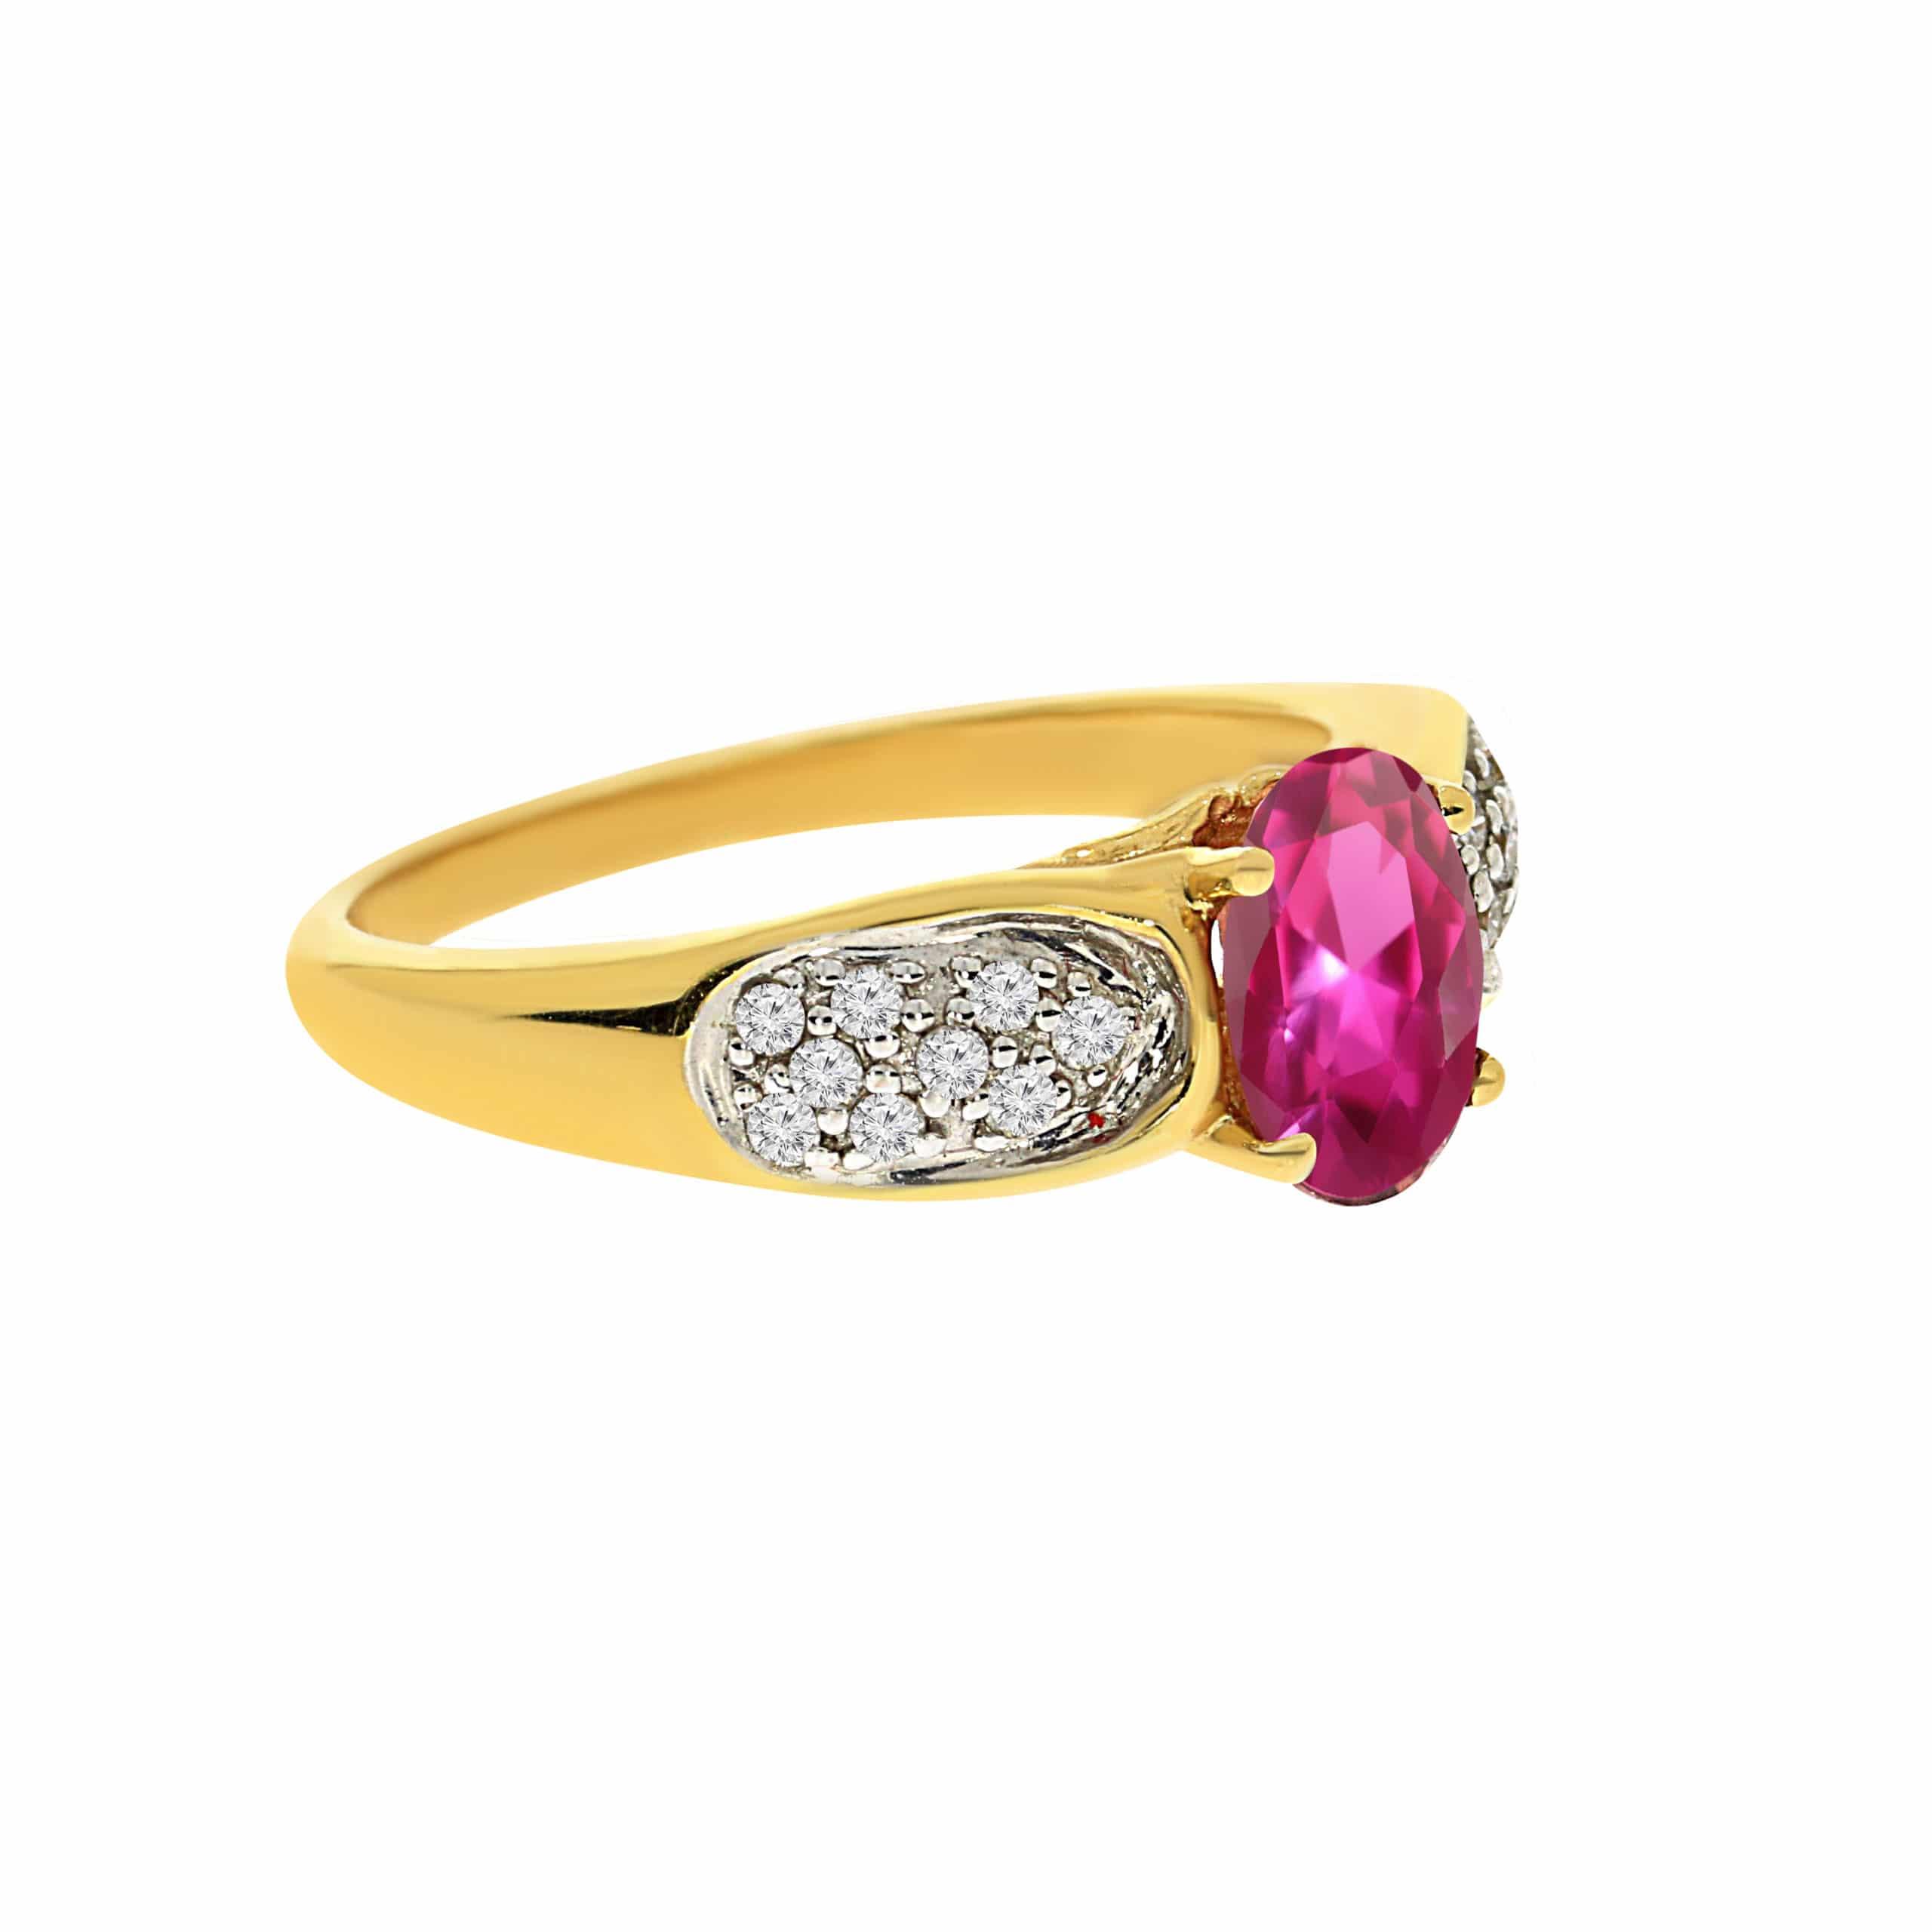 טבעת אבן רובי 1.40 קראט ויהלומים 0.18 קראט זהב צהוב 14 קראט